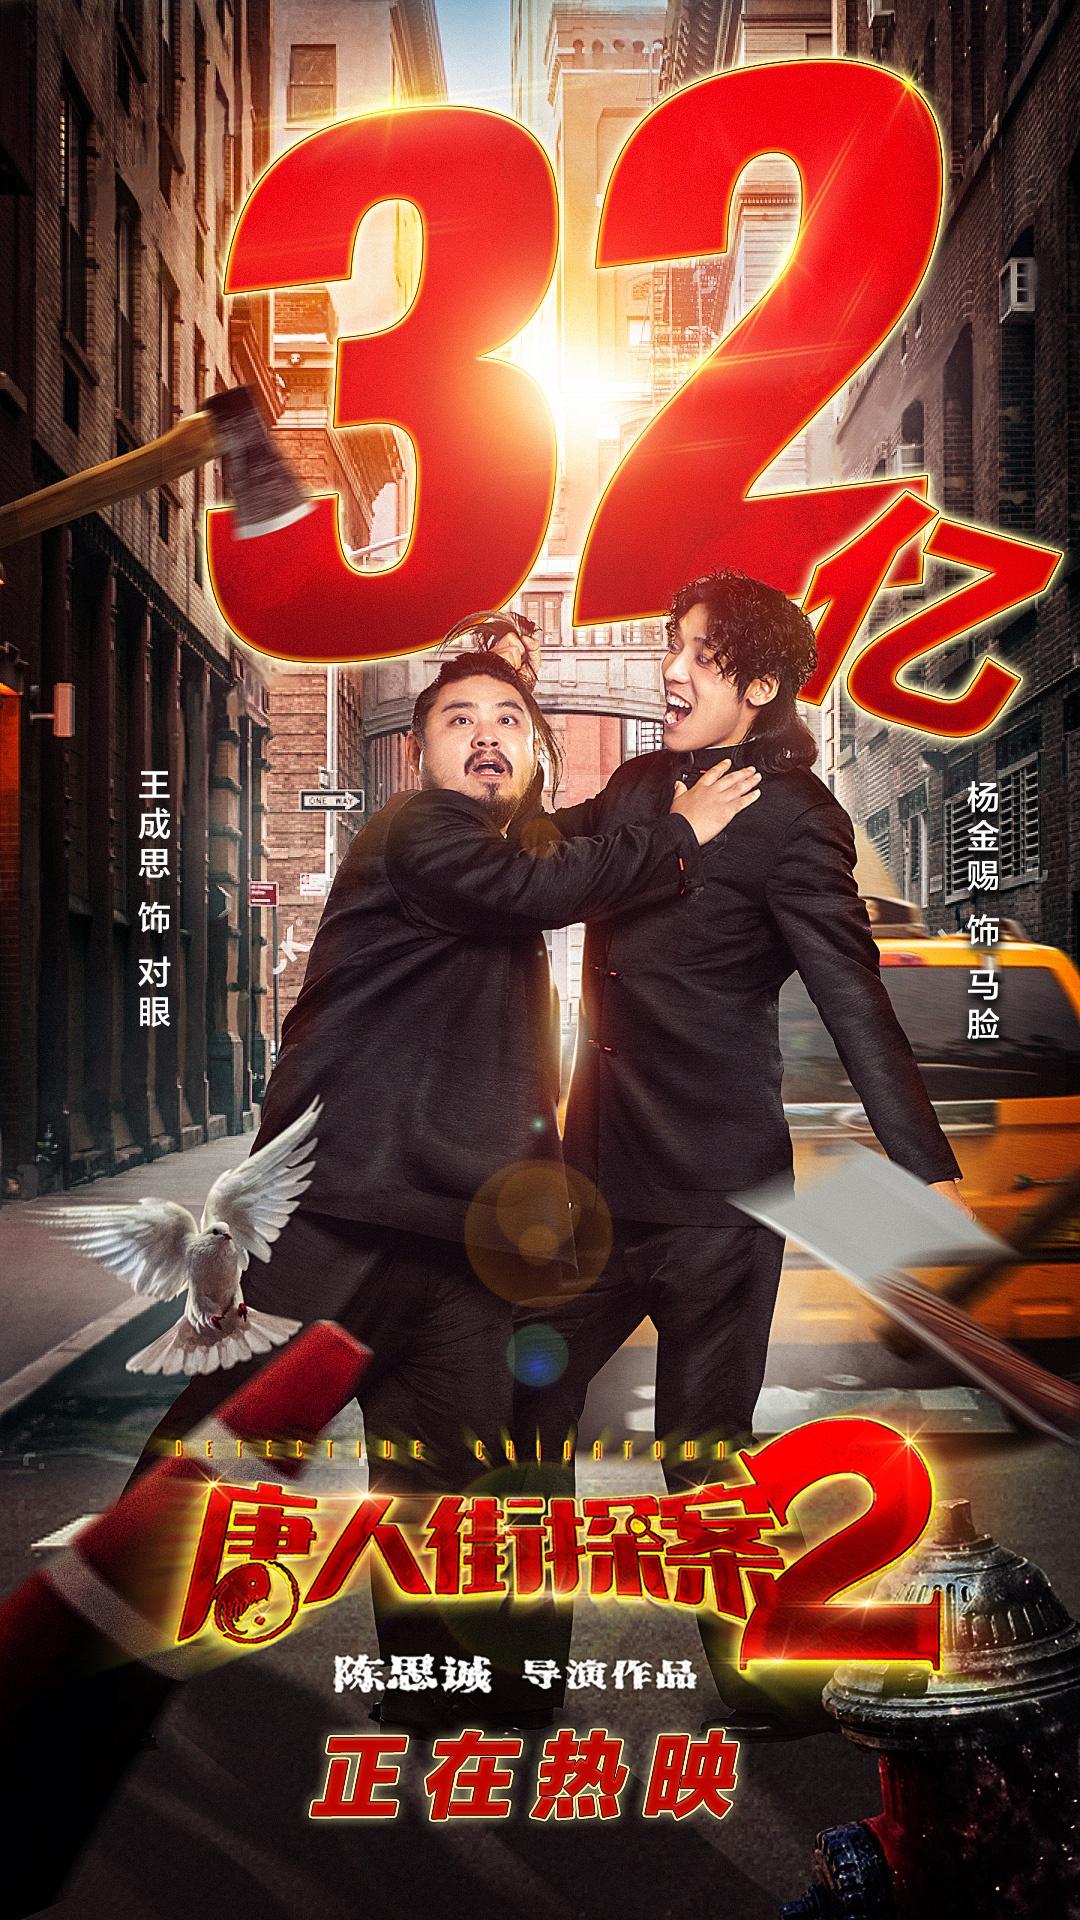 怡怡_唐人街探案2_电影海报_图集_电影网_1905.com